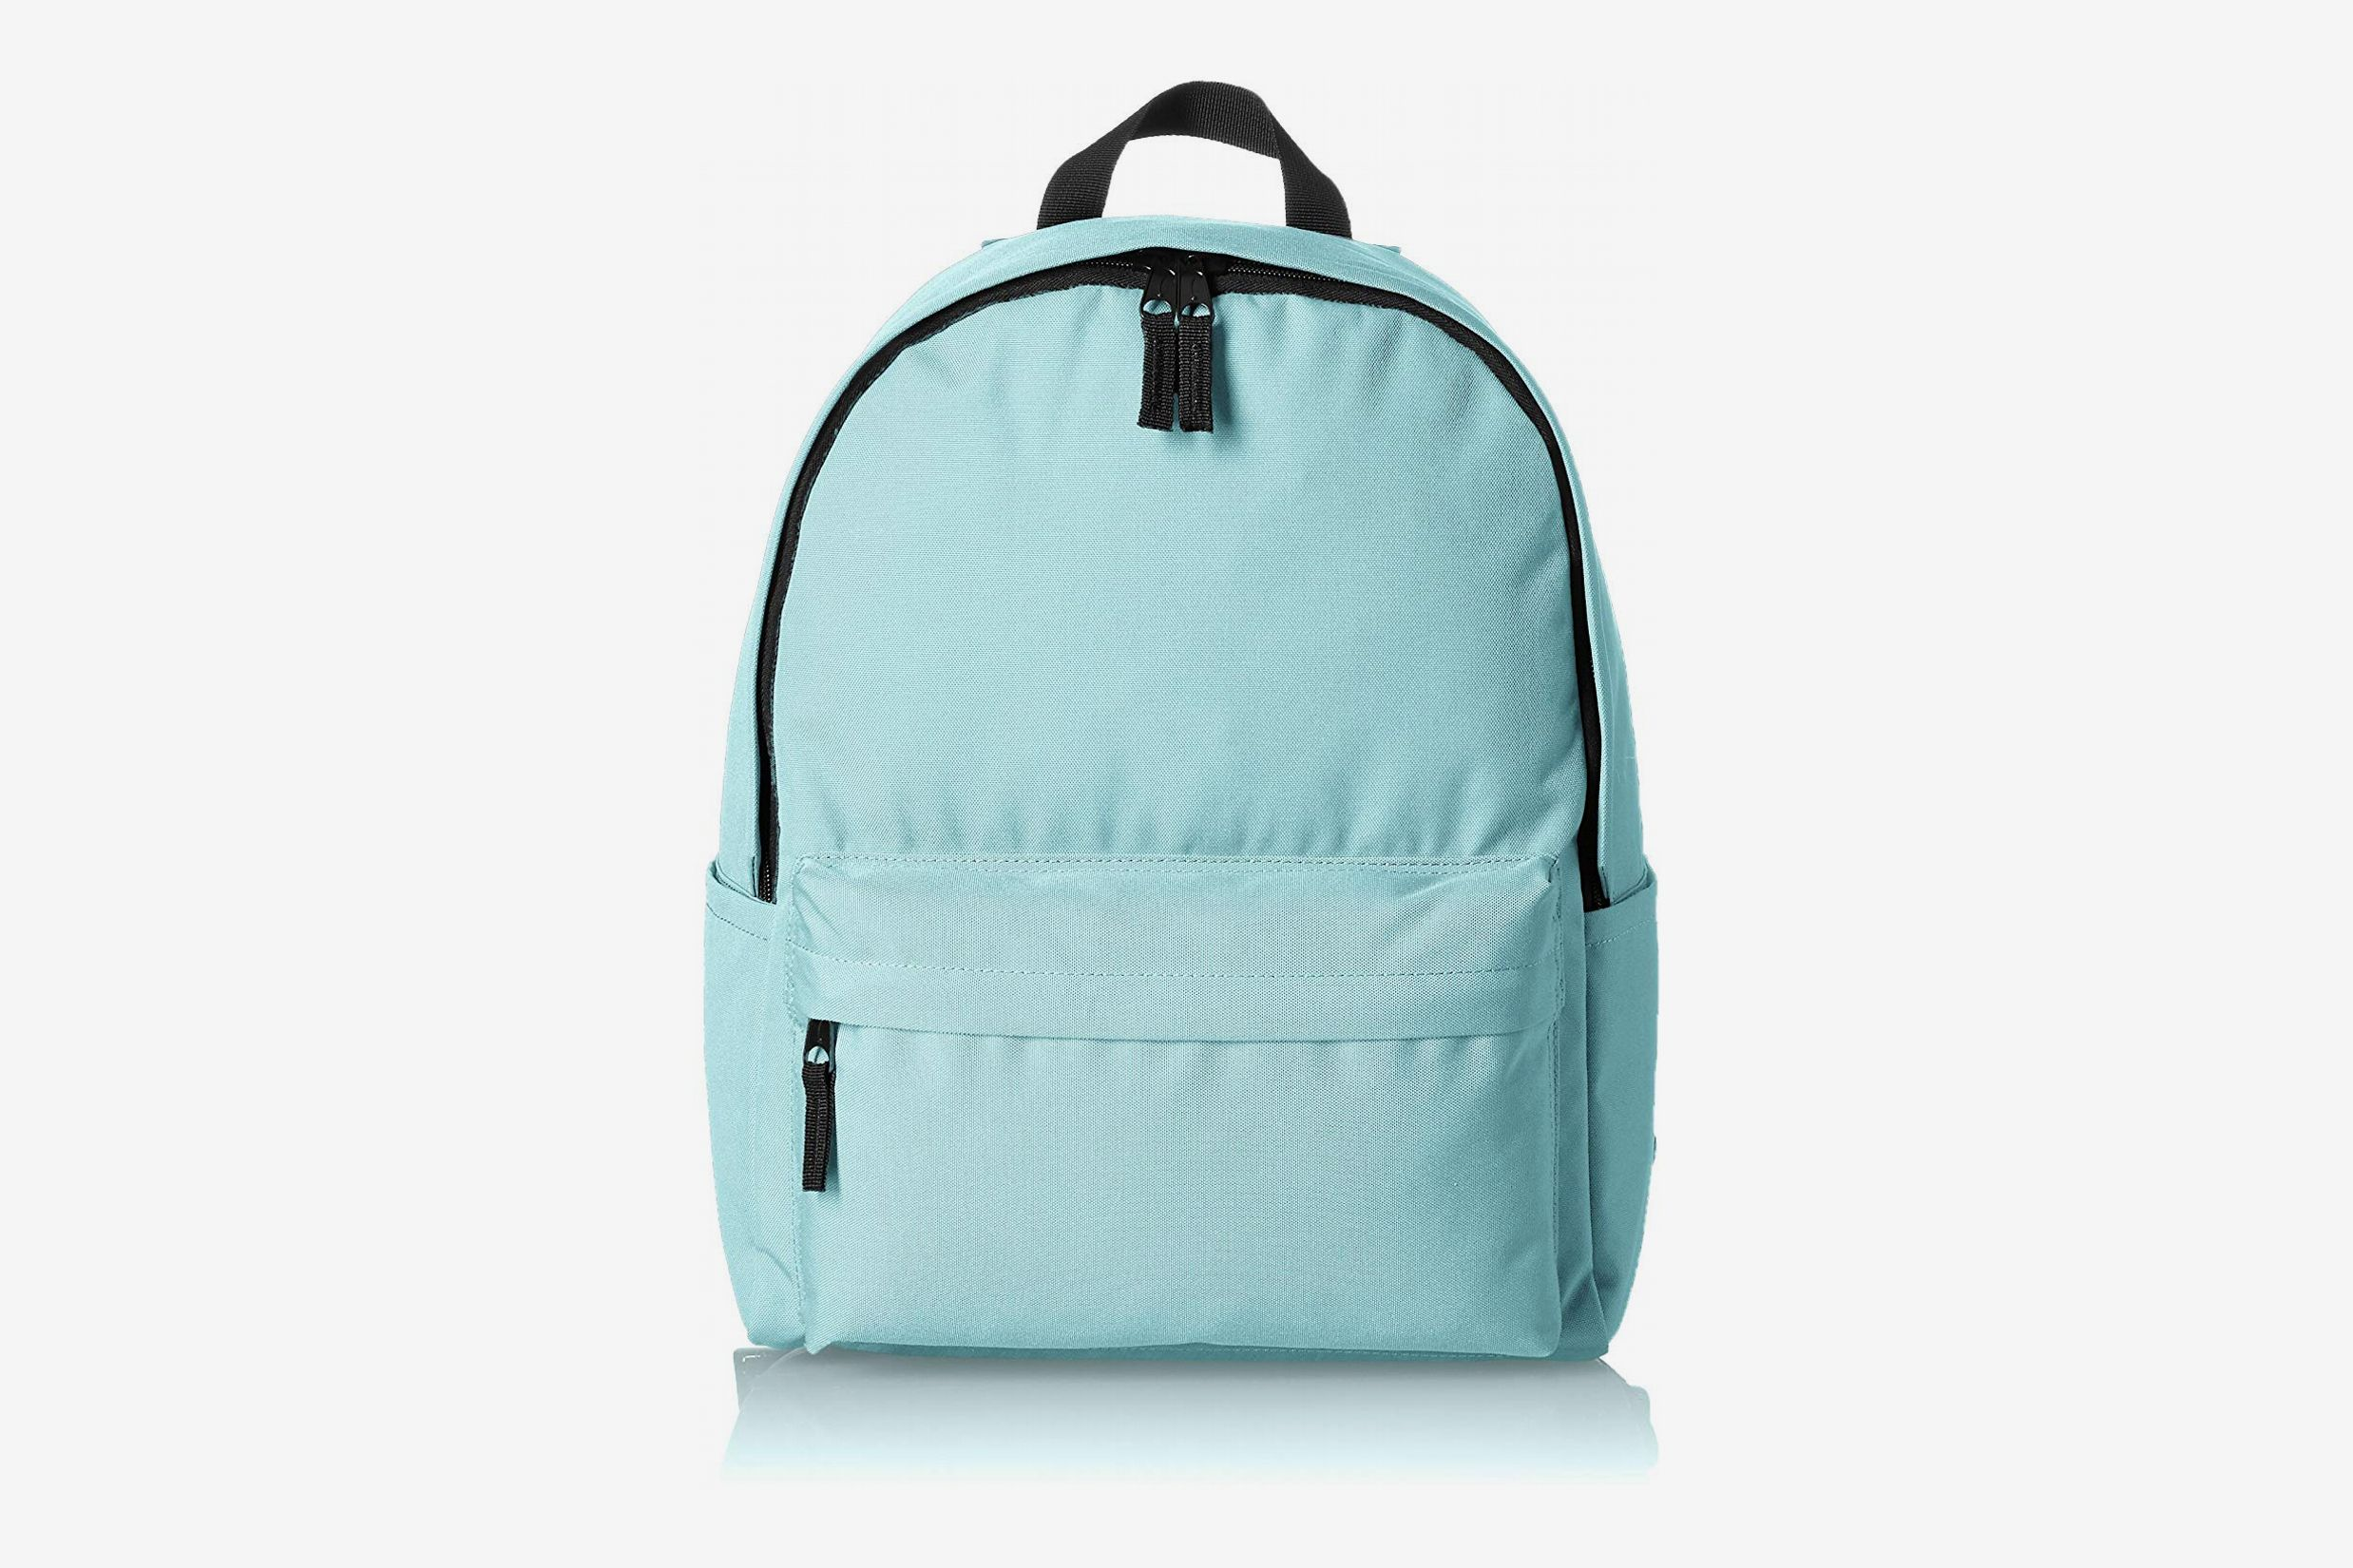 School Backpacks 16 Inch Student Bookbag Travel Basic Daypack Laptop Bag Flower